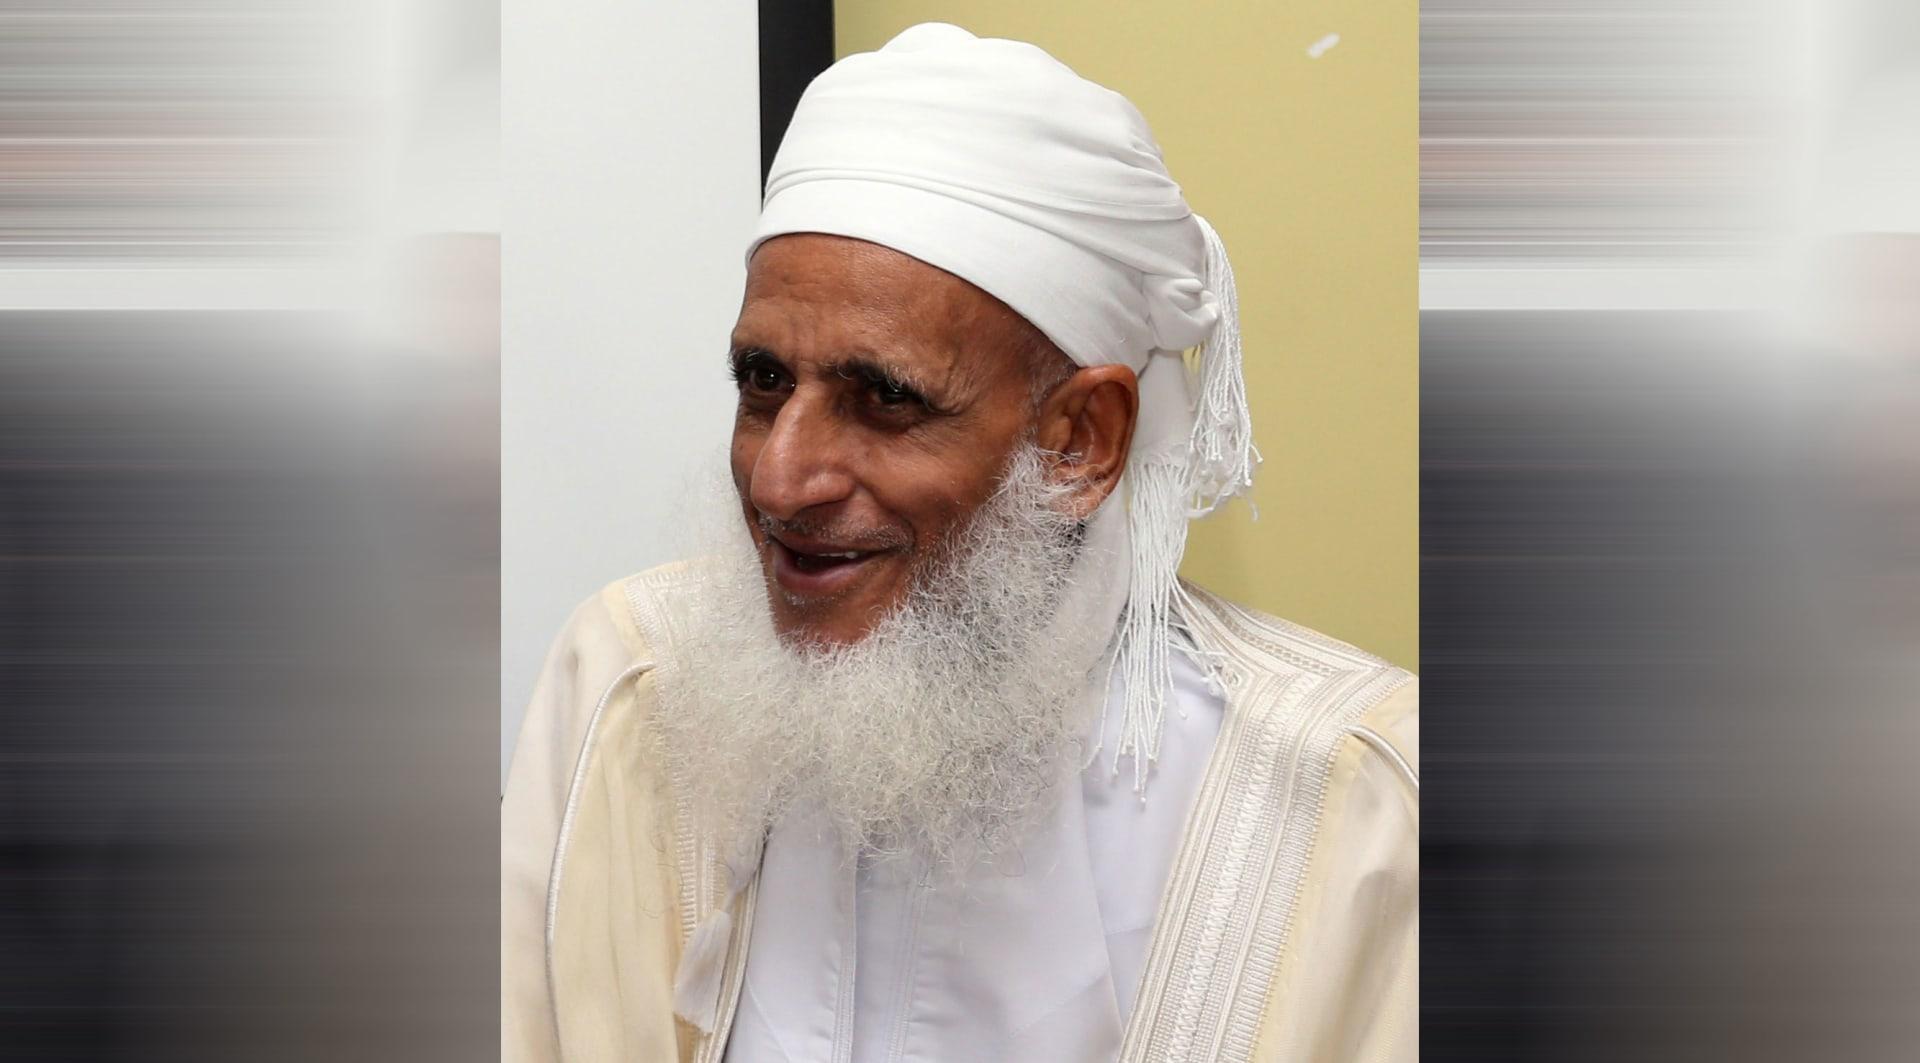 صورة ارشيفية لمفتي عمان أحمد الخليلي العام 2014